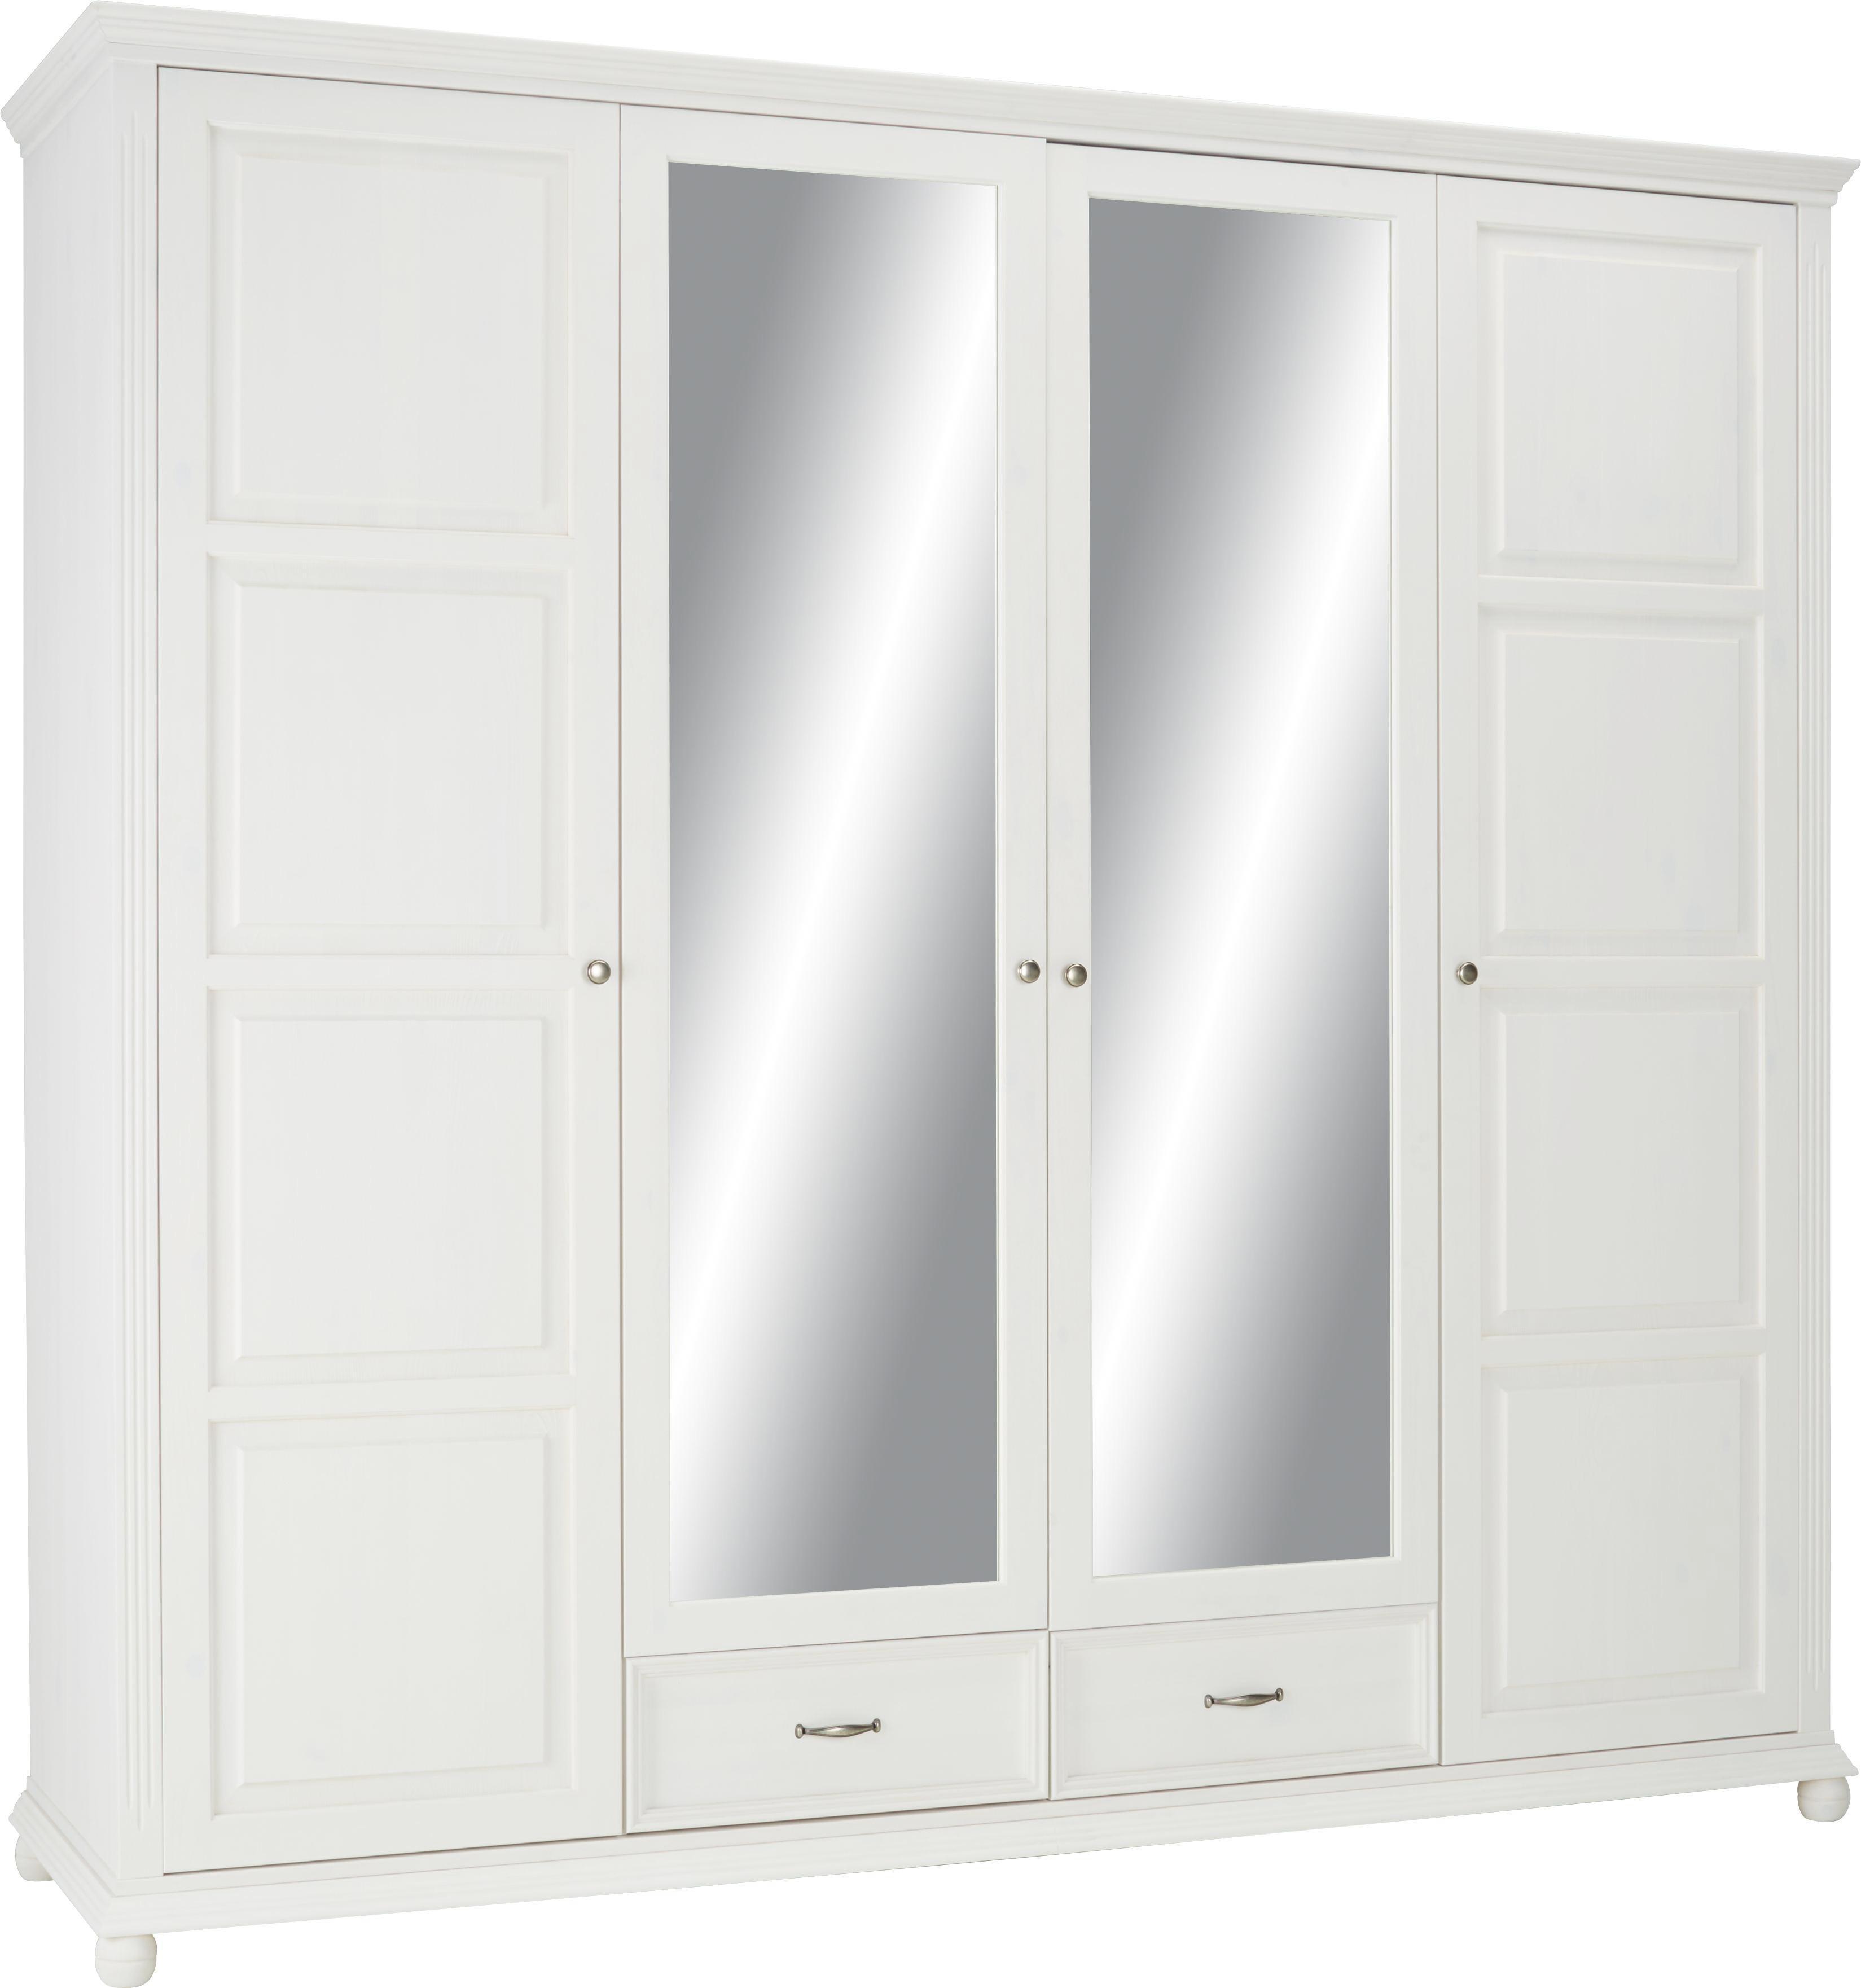 Drehtürenschrank in Weiß - Weiß/Kieferfarben, ROMANTIK / LANDHAUS, Holz/Holzwerkstoff (235/220/65cm) - ZANDIARA